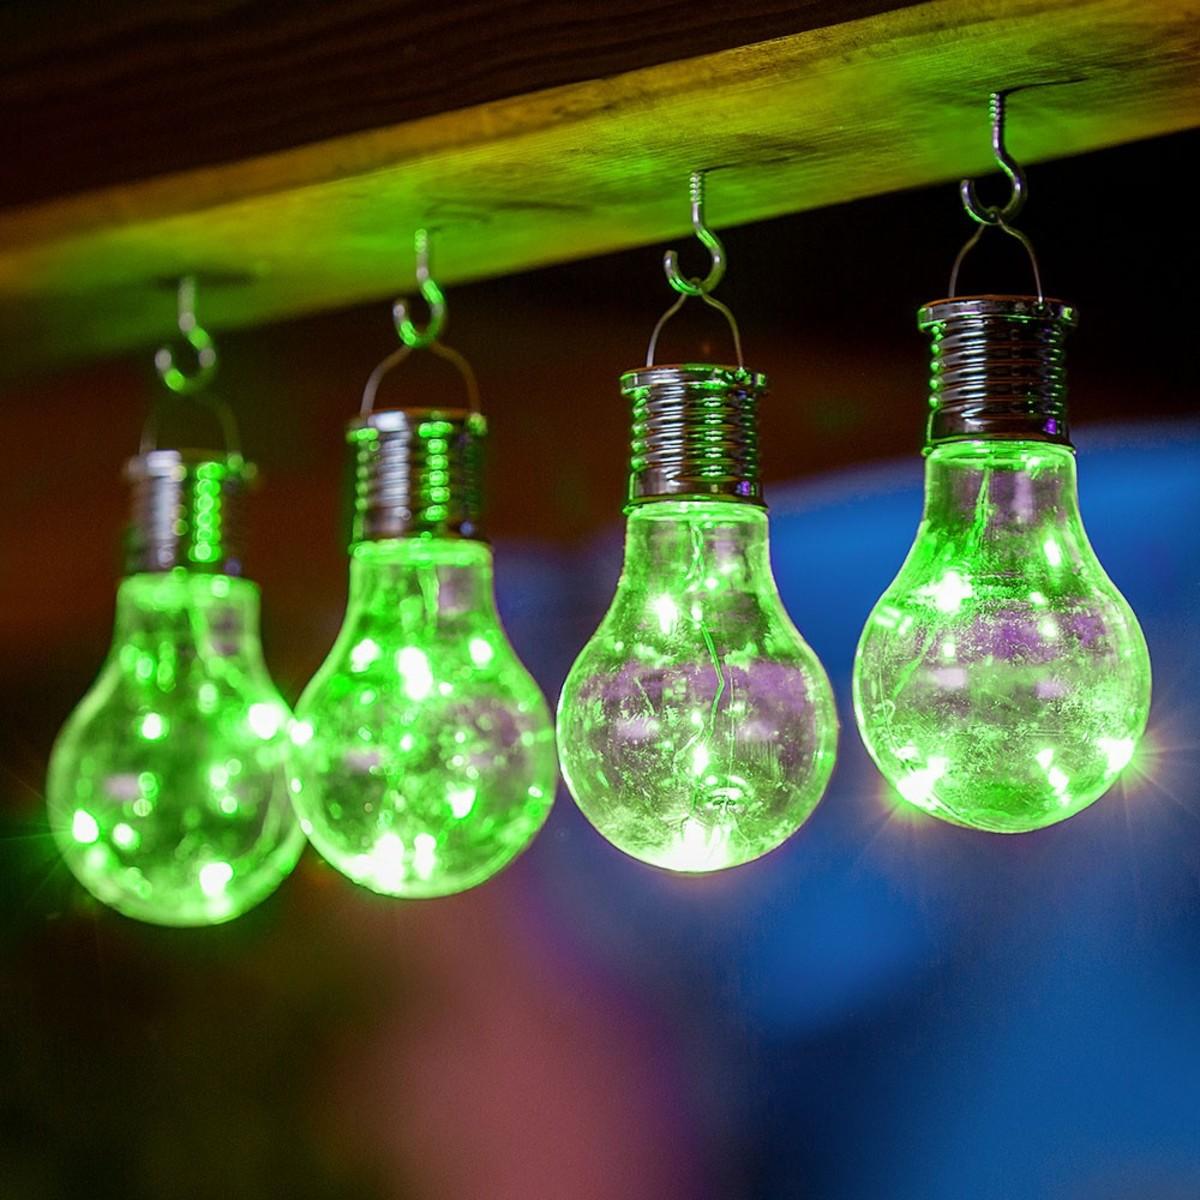 Bild 1 von I-Glow LED Solar Partybirnen 4er-Set - Grün